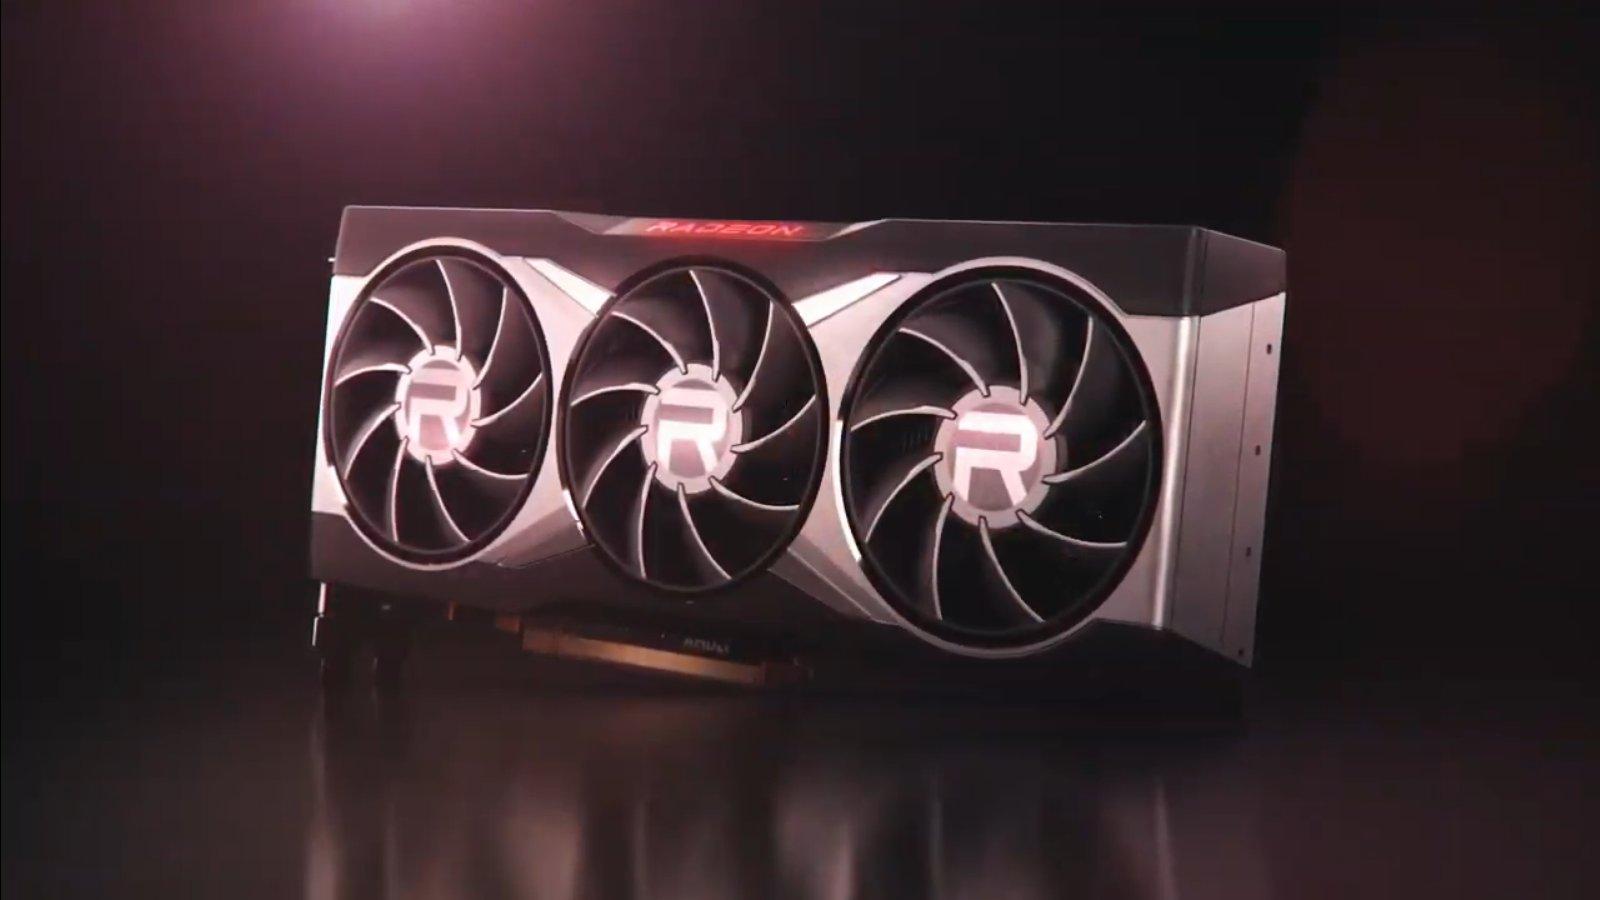 Где смотреть анонс видеокарт Radeon RX 6000. До старта осталось менее суток